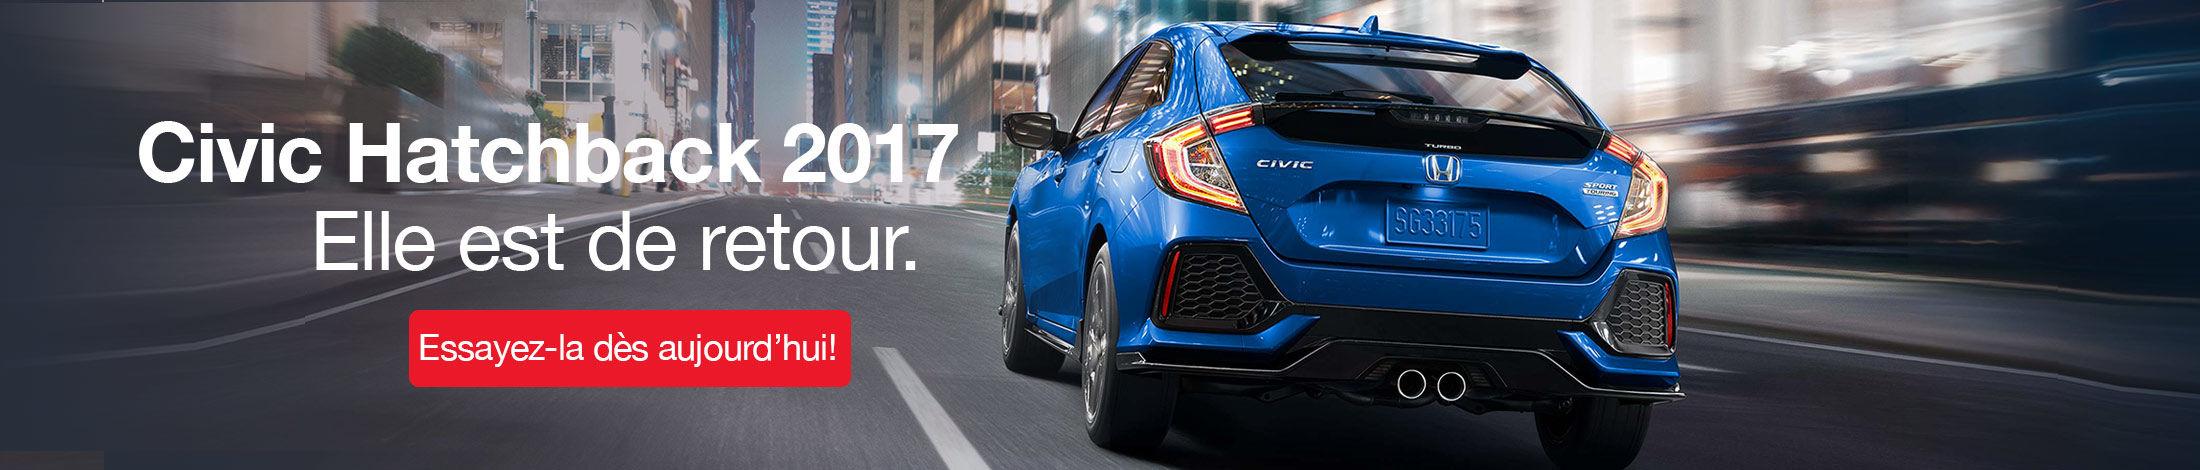 Civic Hatchback 2017